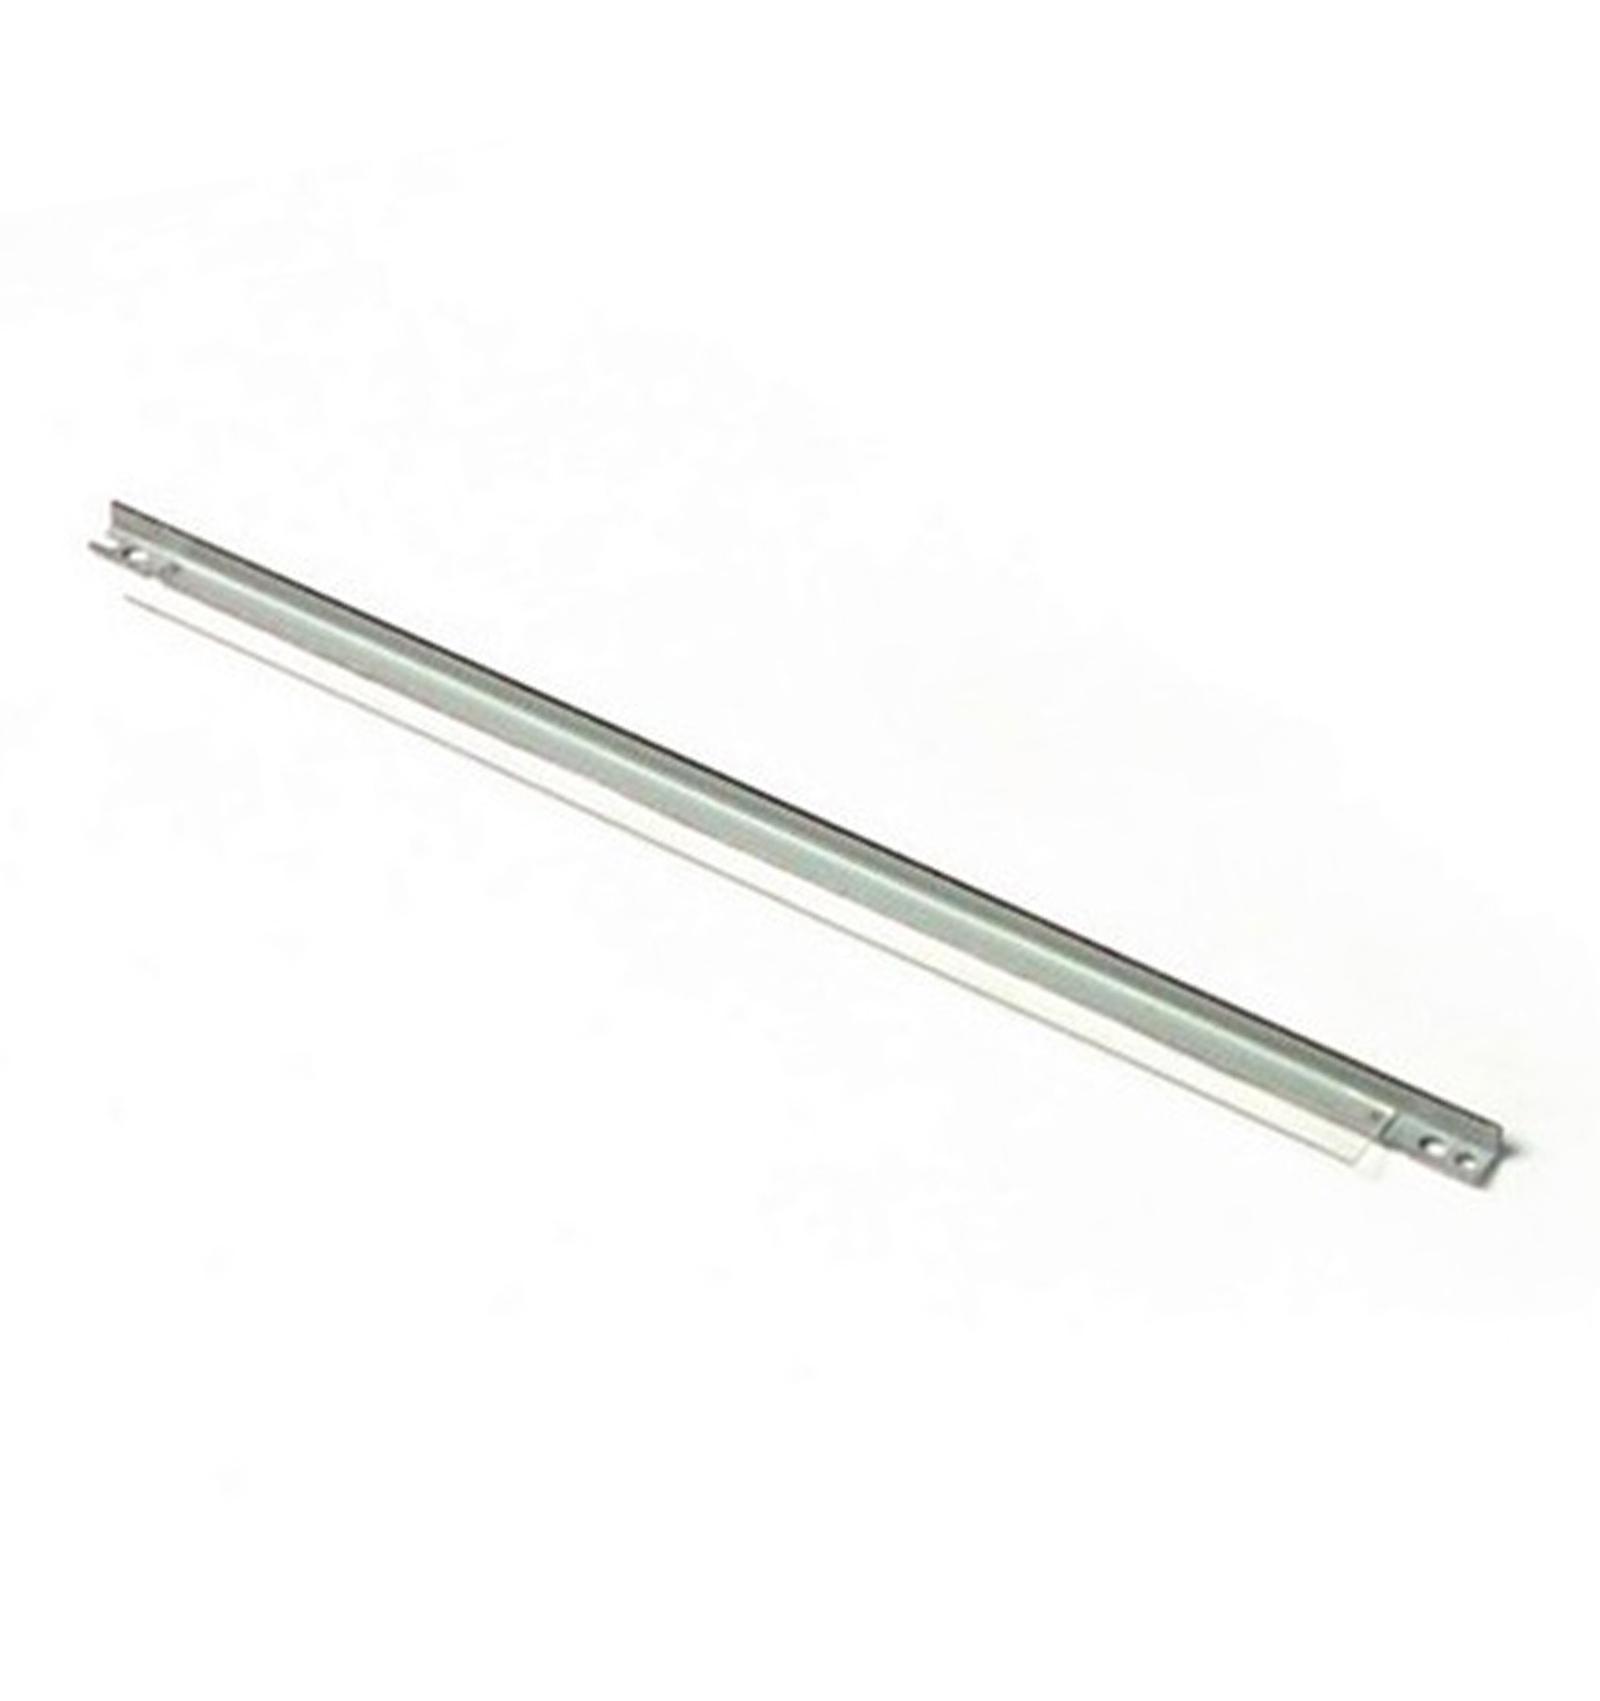 Замена дозирующего лезвия магнитного вала картриджа HP CF283A/X (83A/X) для HP LaserJet Pro M125rnw/M127fn/M127fw/M201/M225